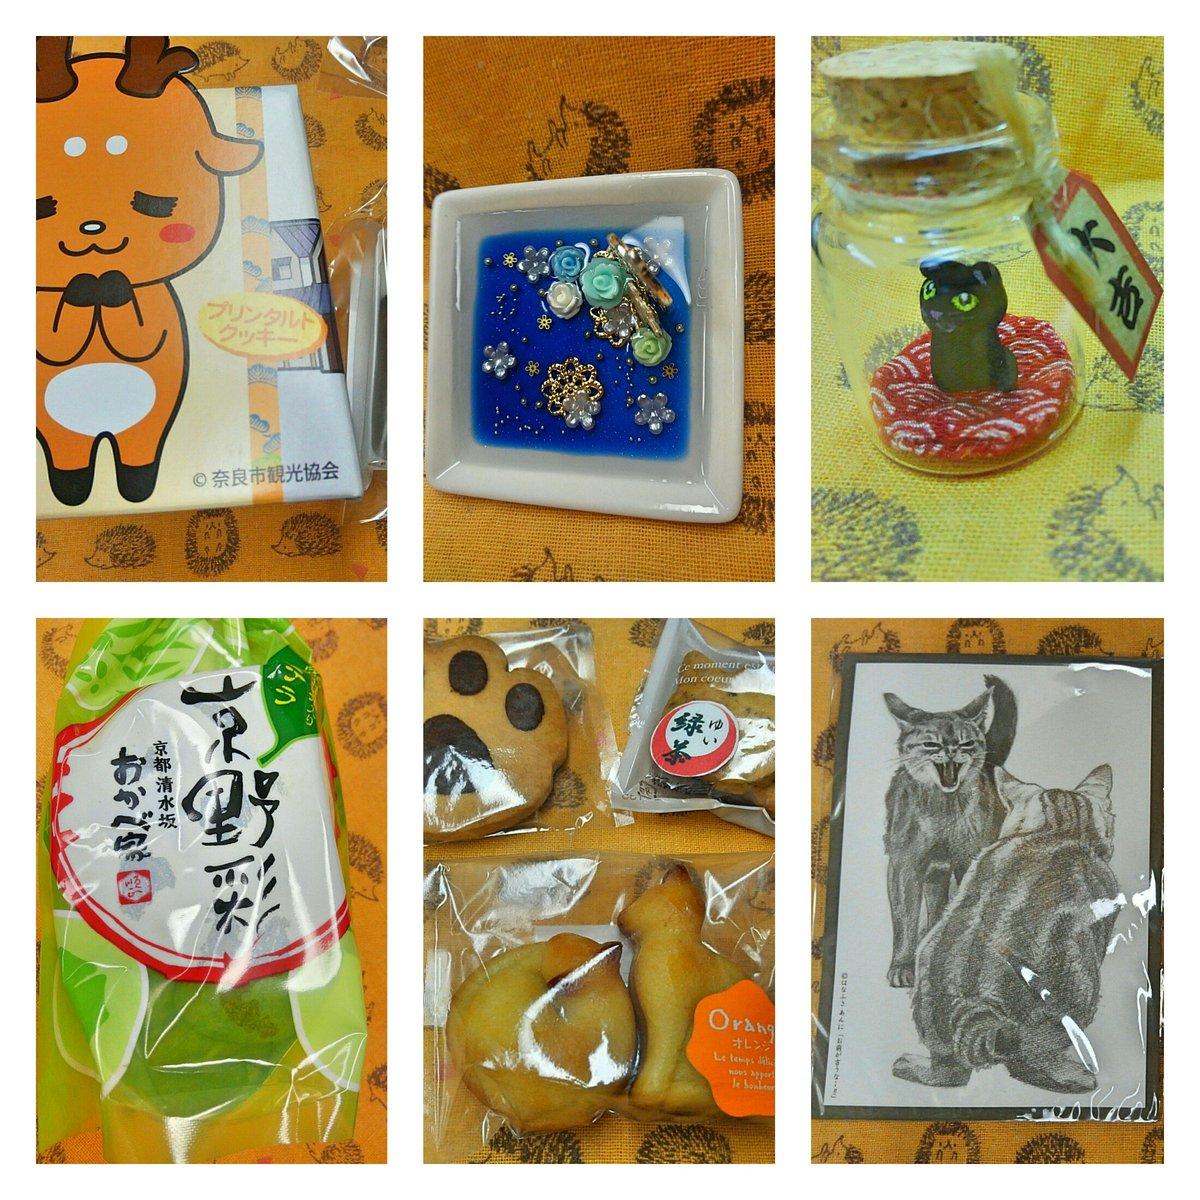 2017猫祭り宝物4